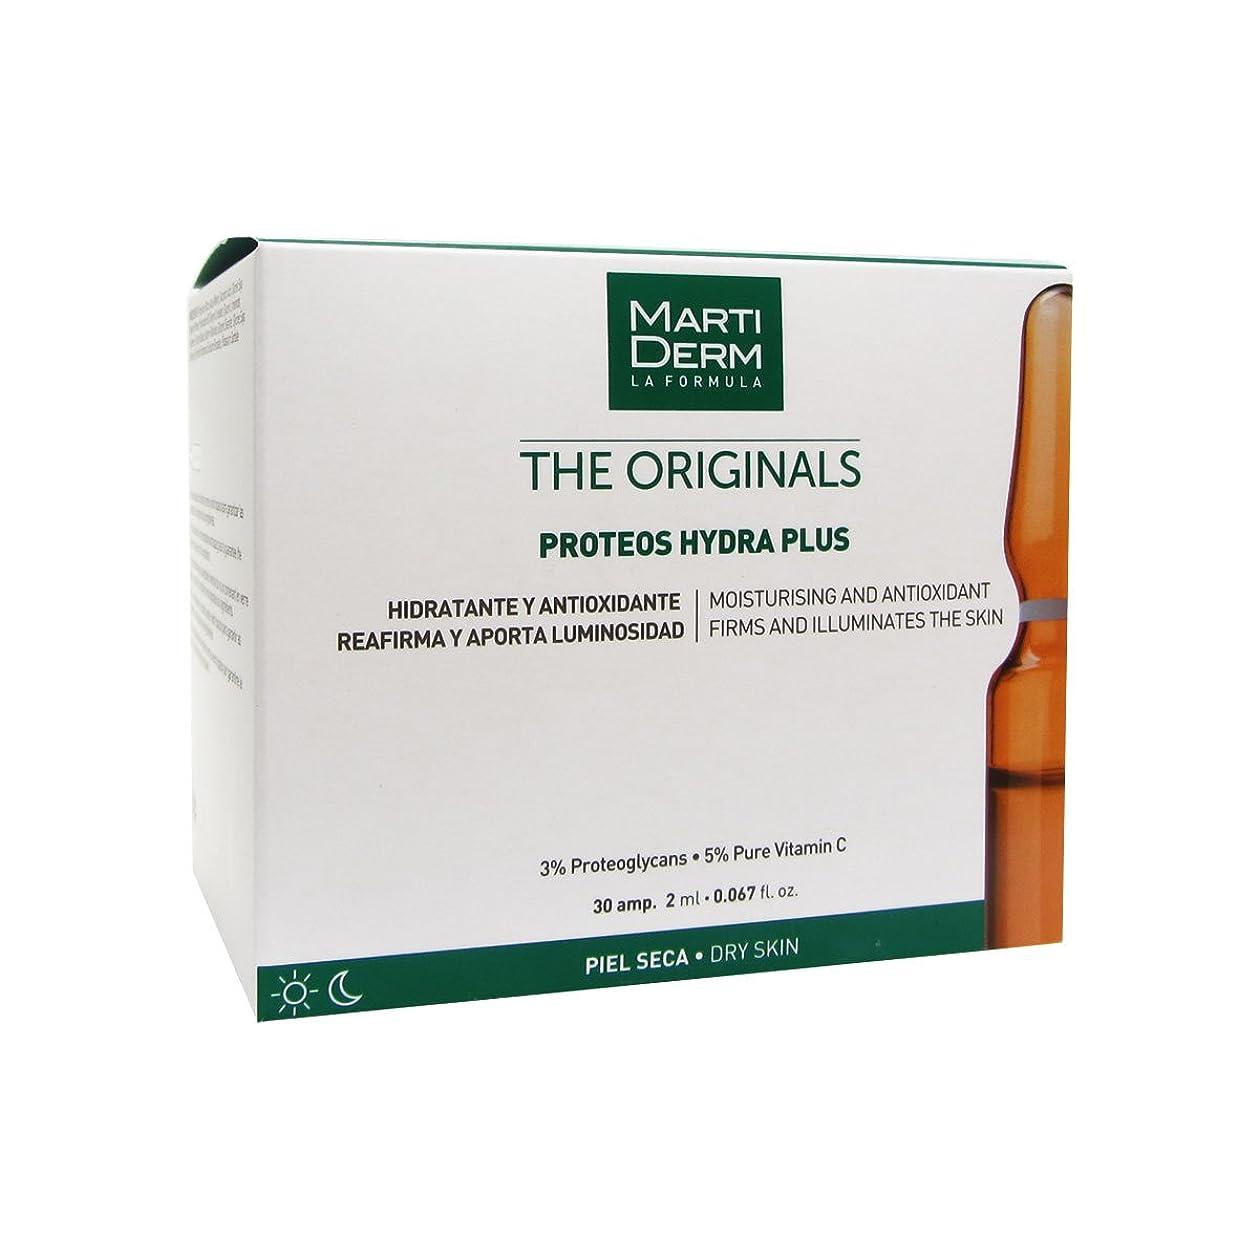 持続的レタス珍味Martiderm The Originals Proteos Hydra Plus Ampoules 30amp. [並行輸入品]